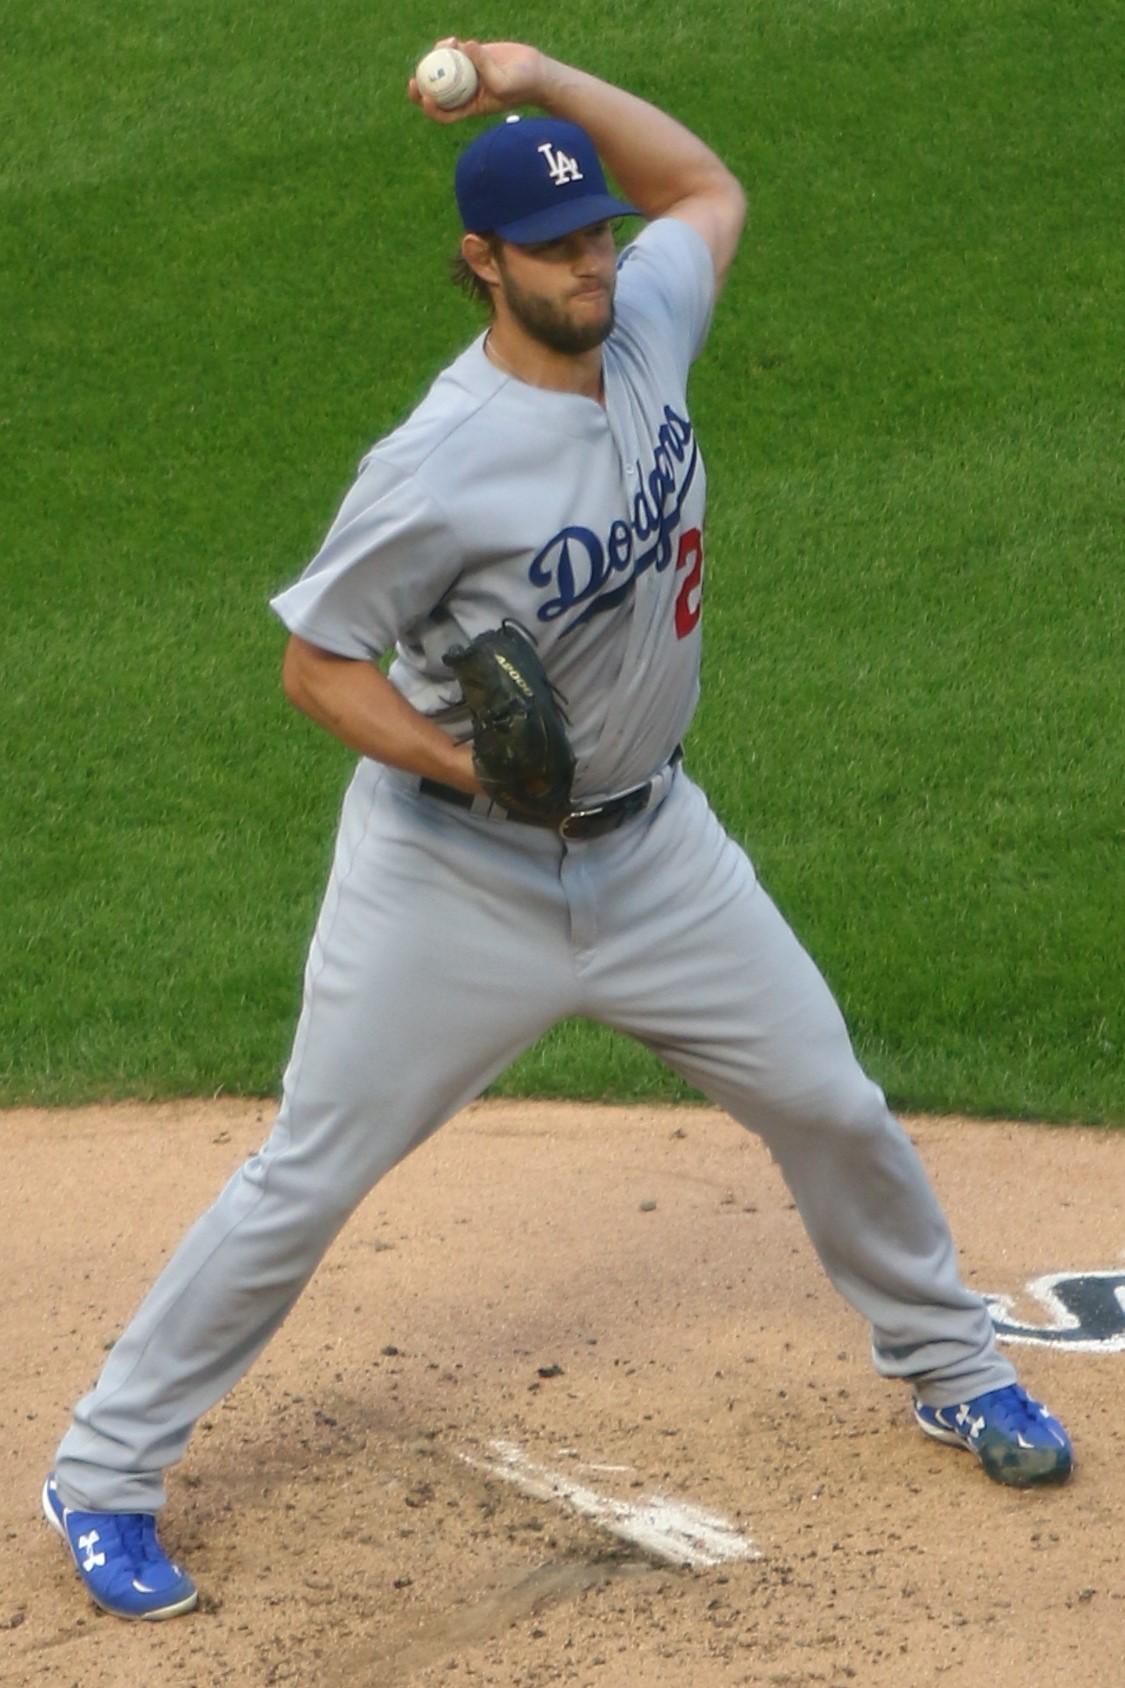 Pitcher Adalah : pitcher, adalah, Pickoff, Wikipedia